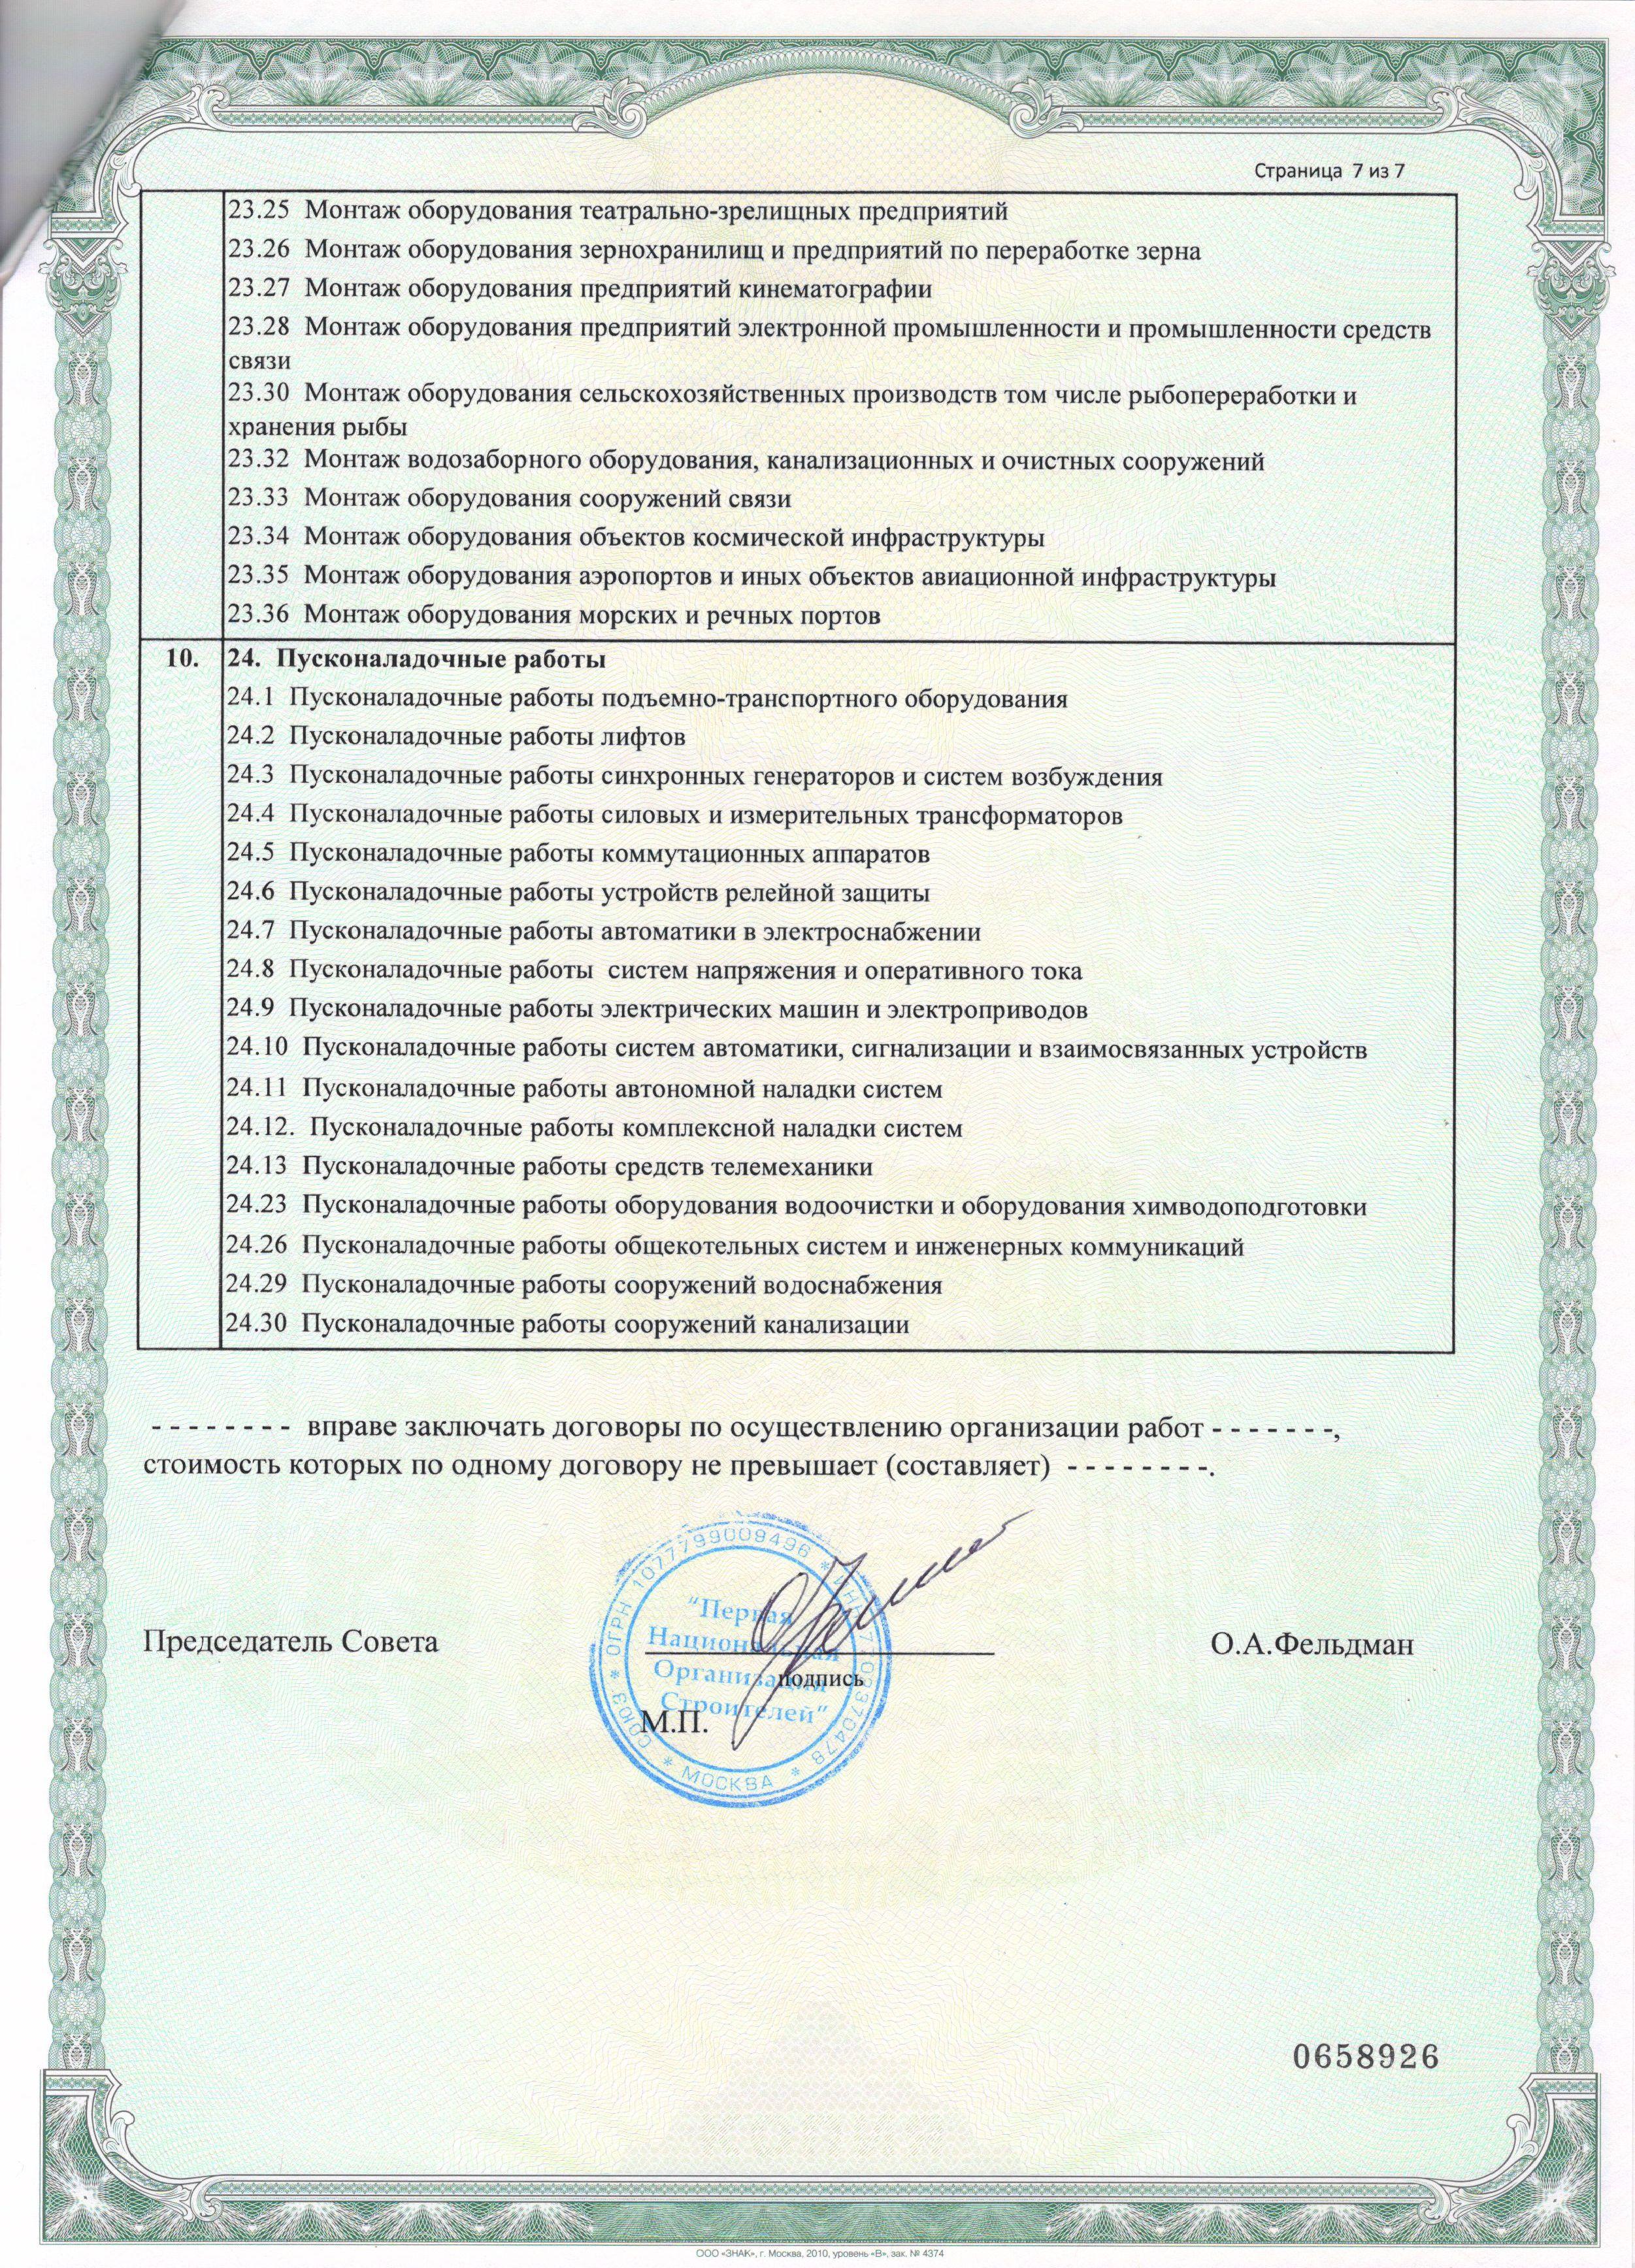 Св-во Союз ПНОС сопас ао 117